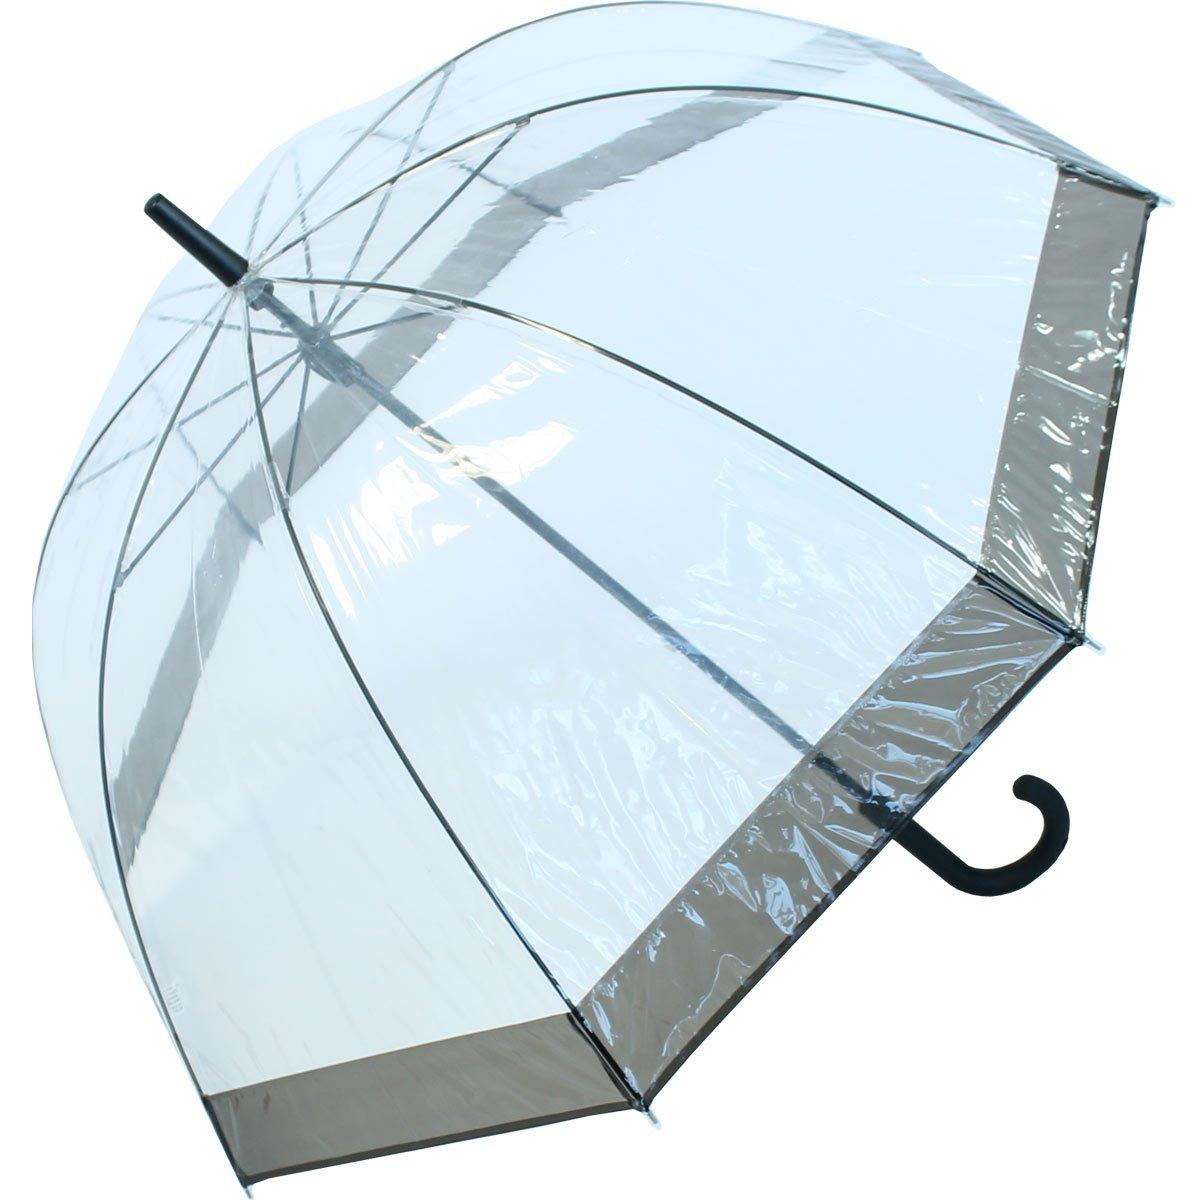 Regenschirm Transparent / Durchsichtig Glockenschirm schwarz 1971